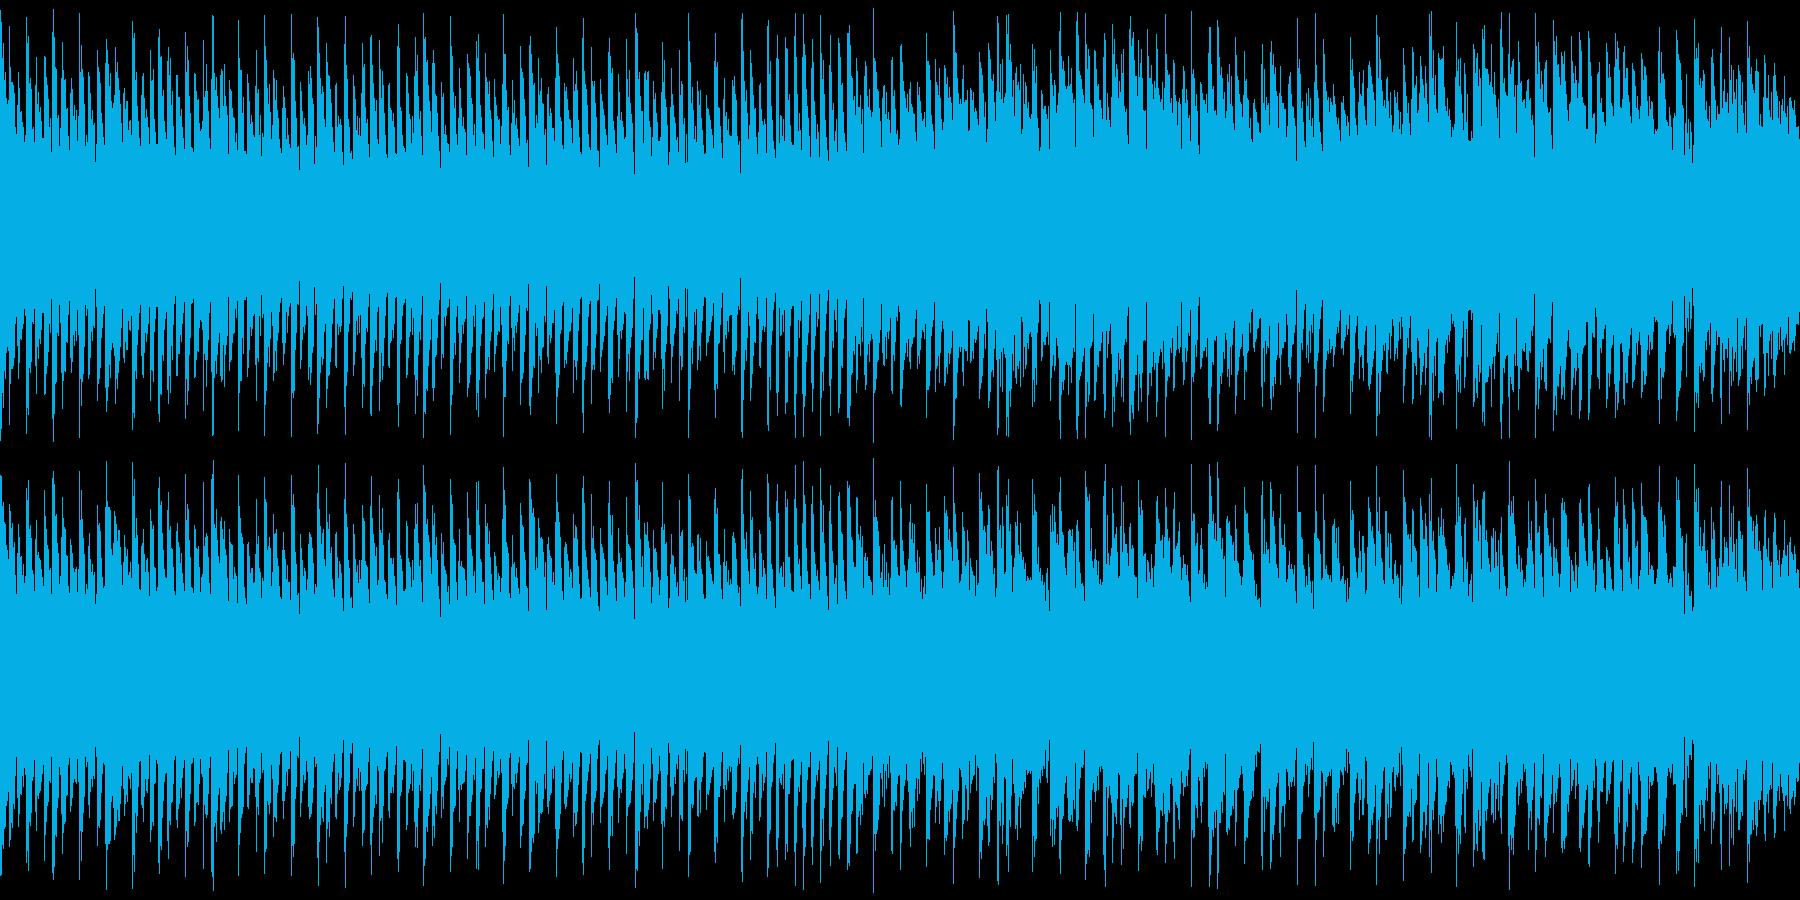 ループ・レトロゲーム風・爽快感のある曲の再生済みの波形